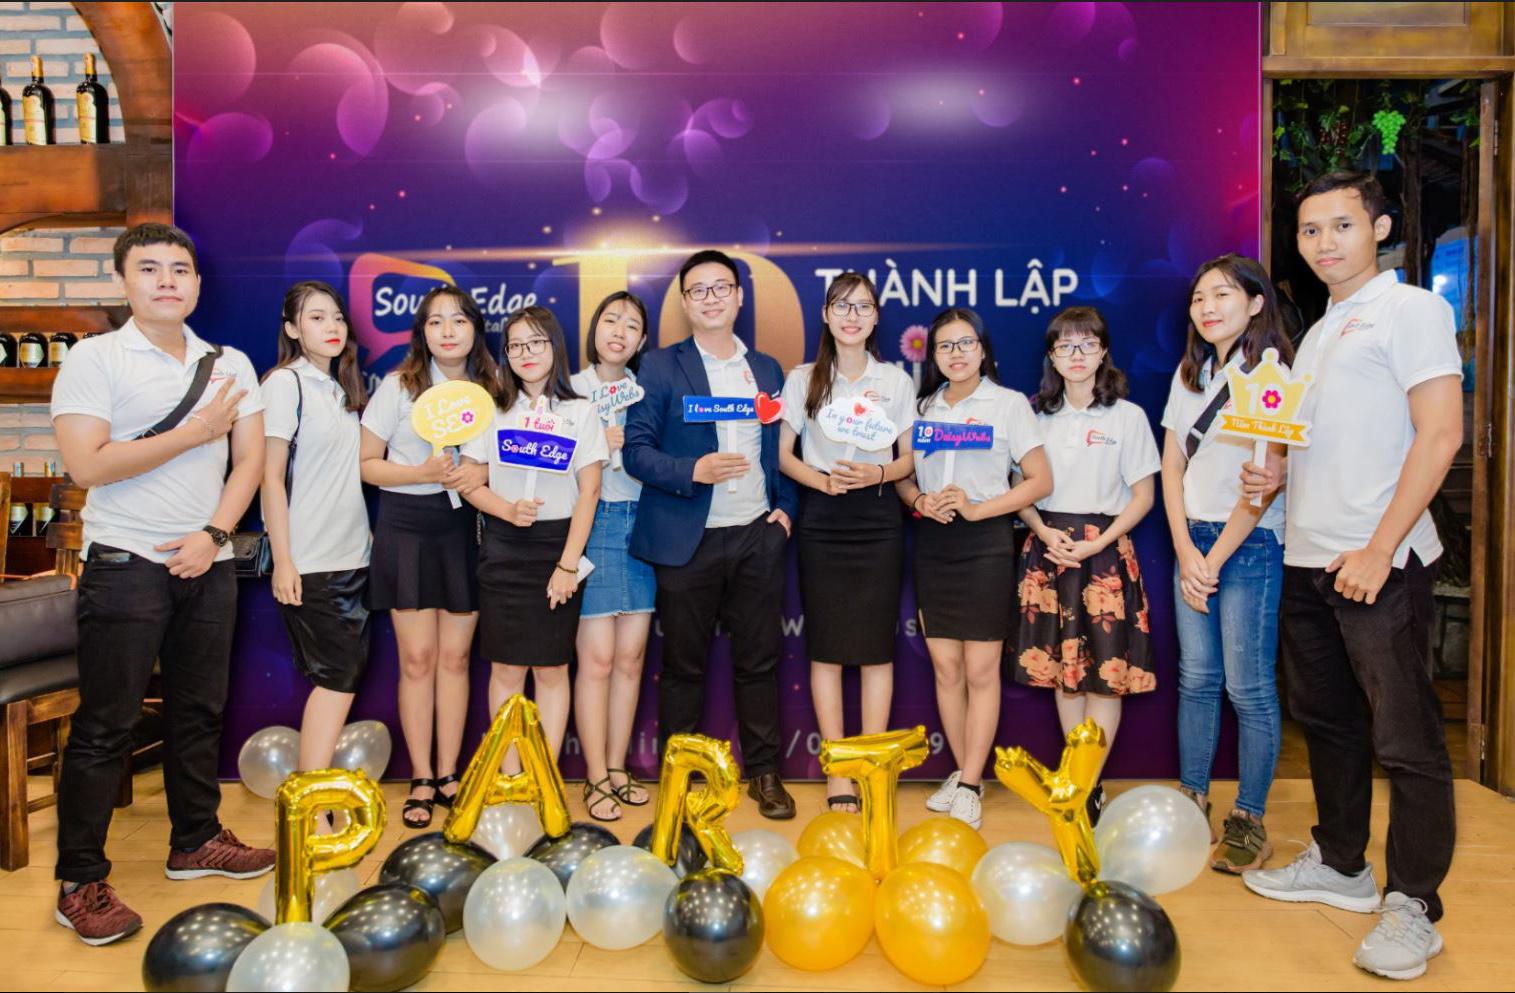 Ông Laevis Nguyễn cùng đội ngũ nhân viên của South Edge Group.